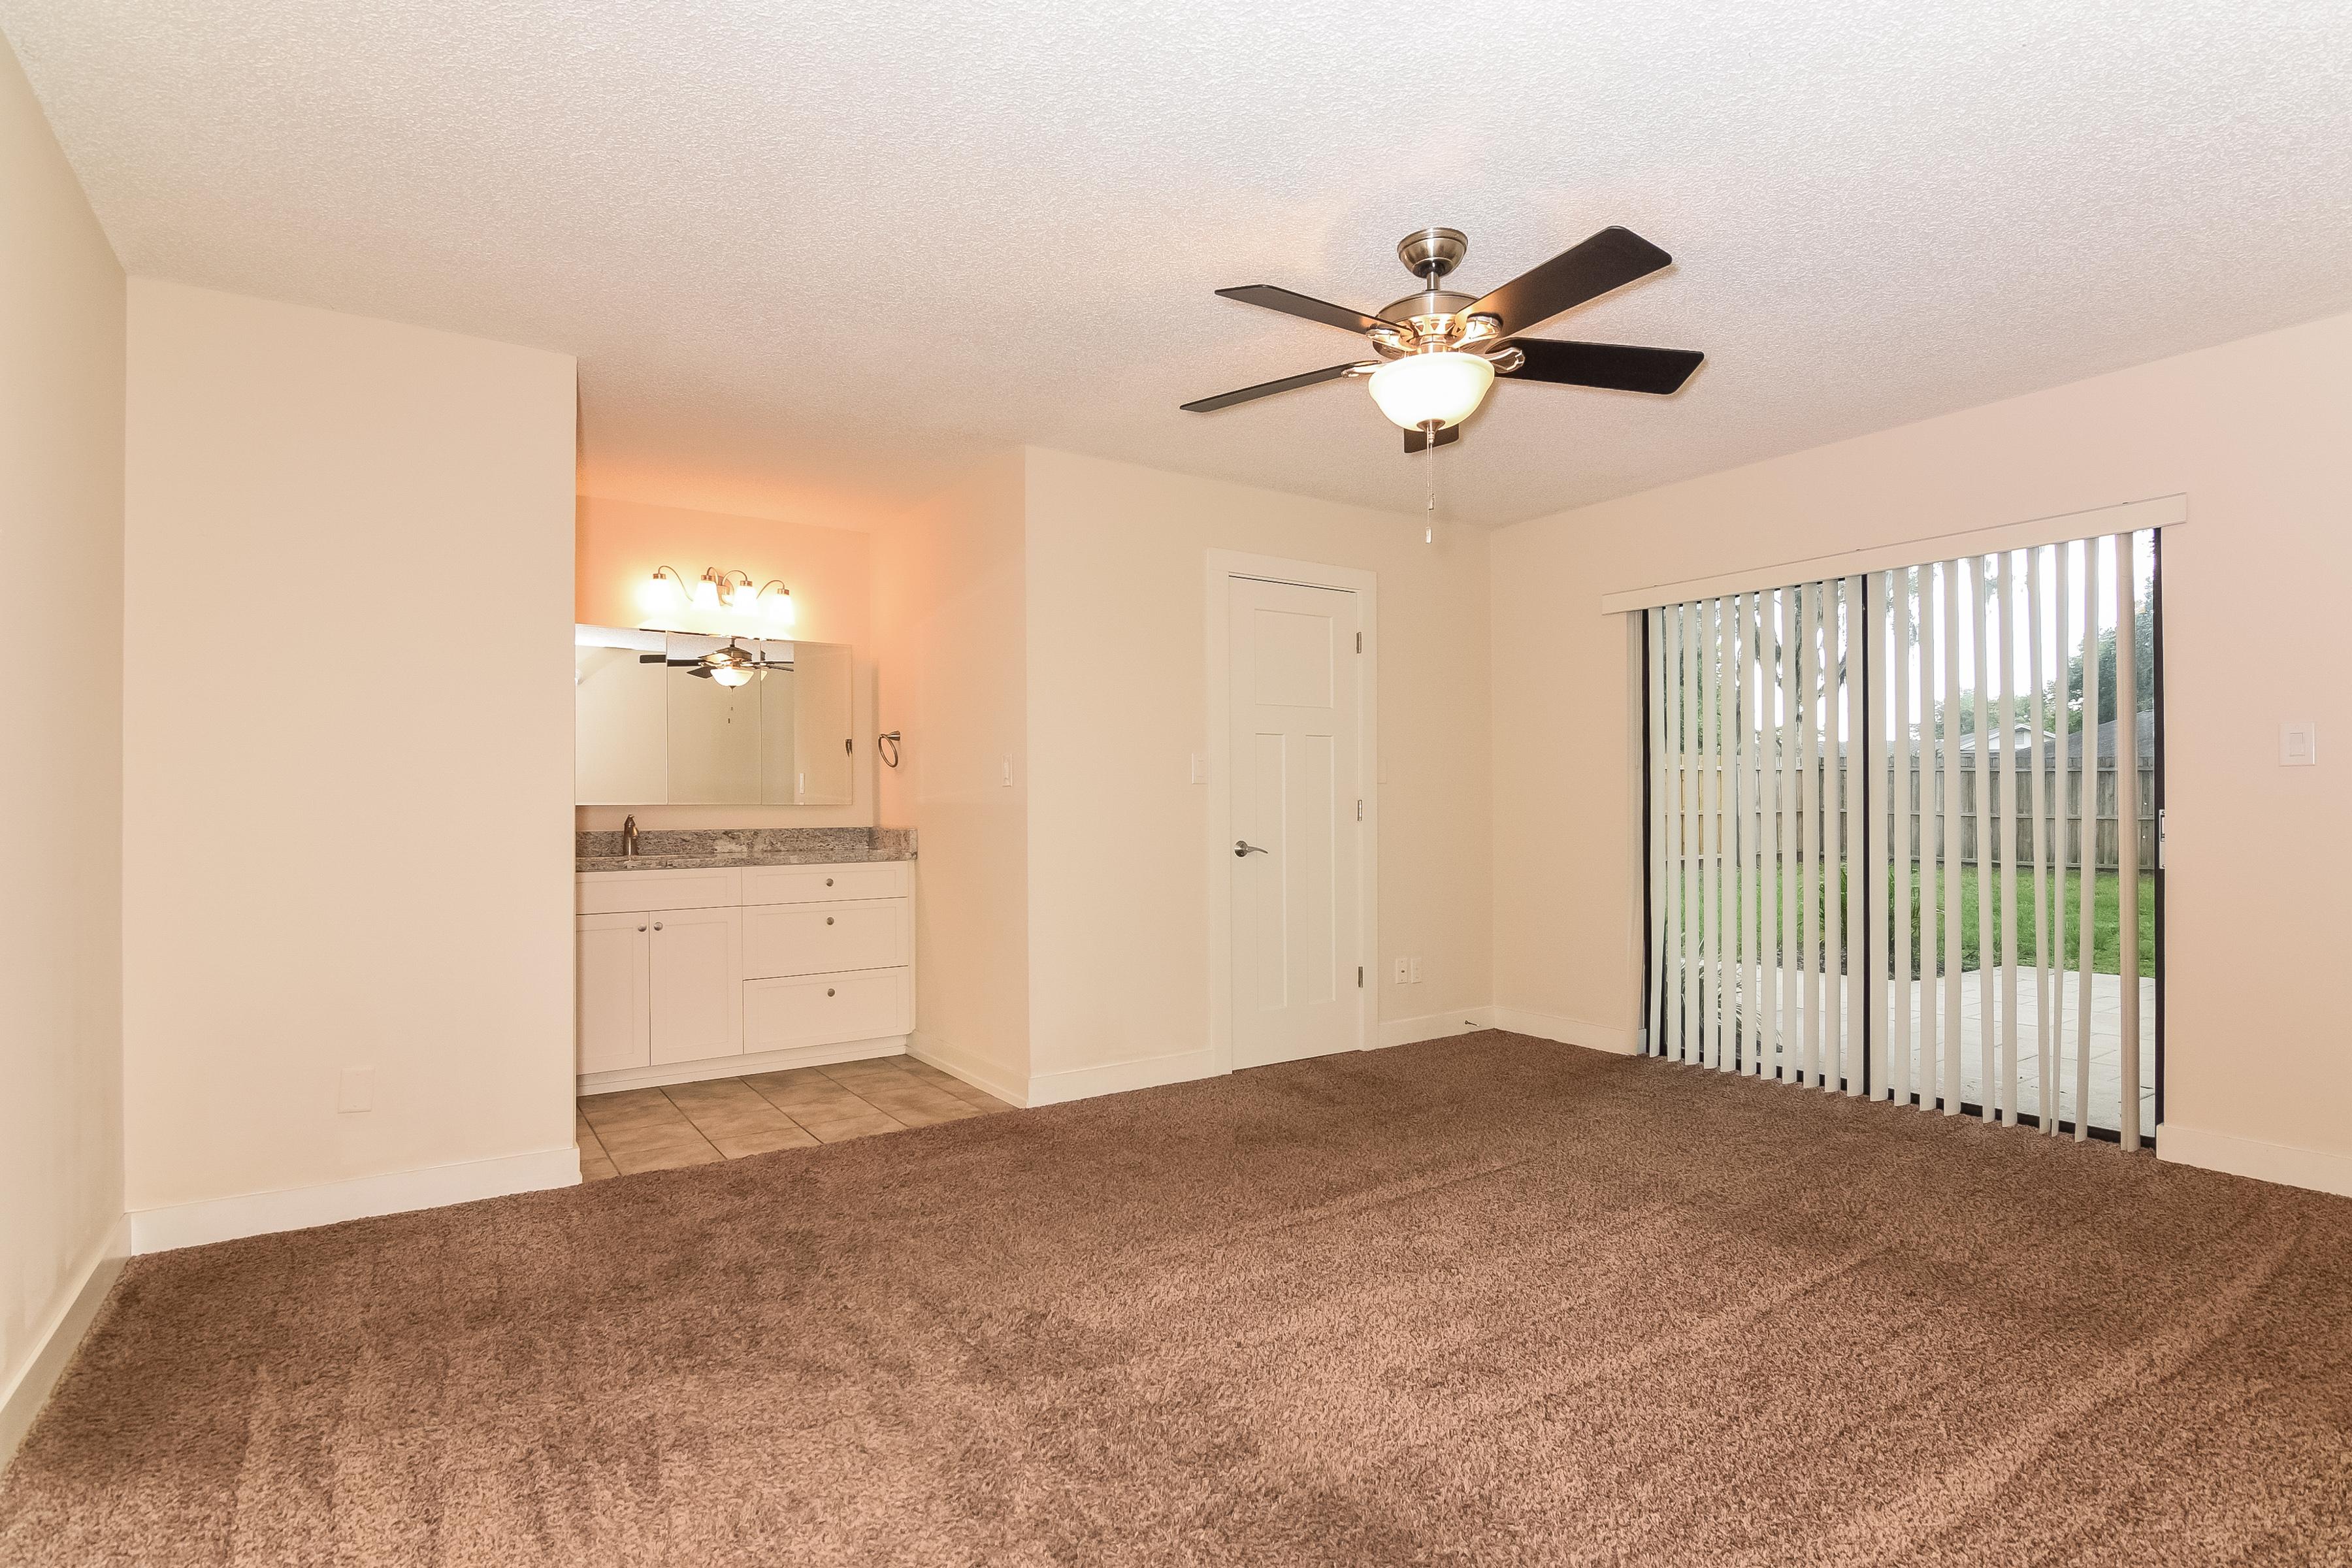 Photo of 1502 Teakwood Dr, Plant City, FL, 33563